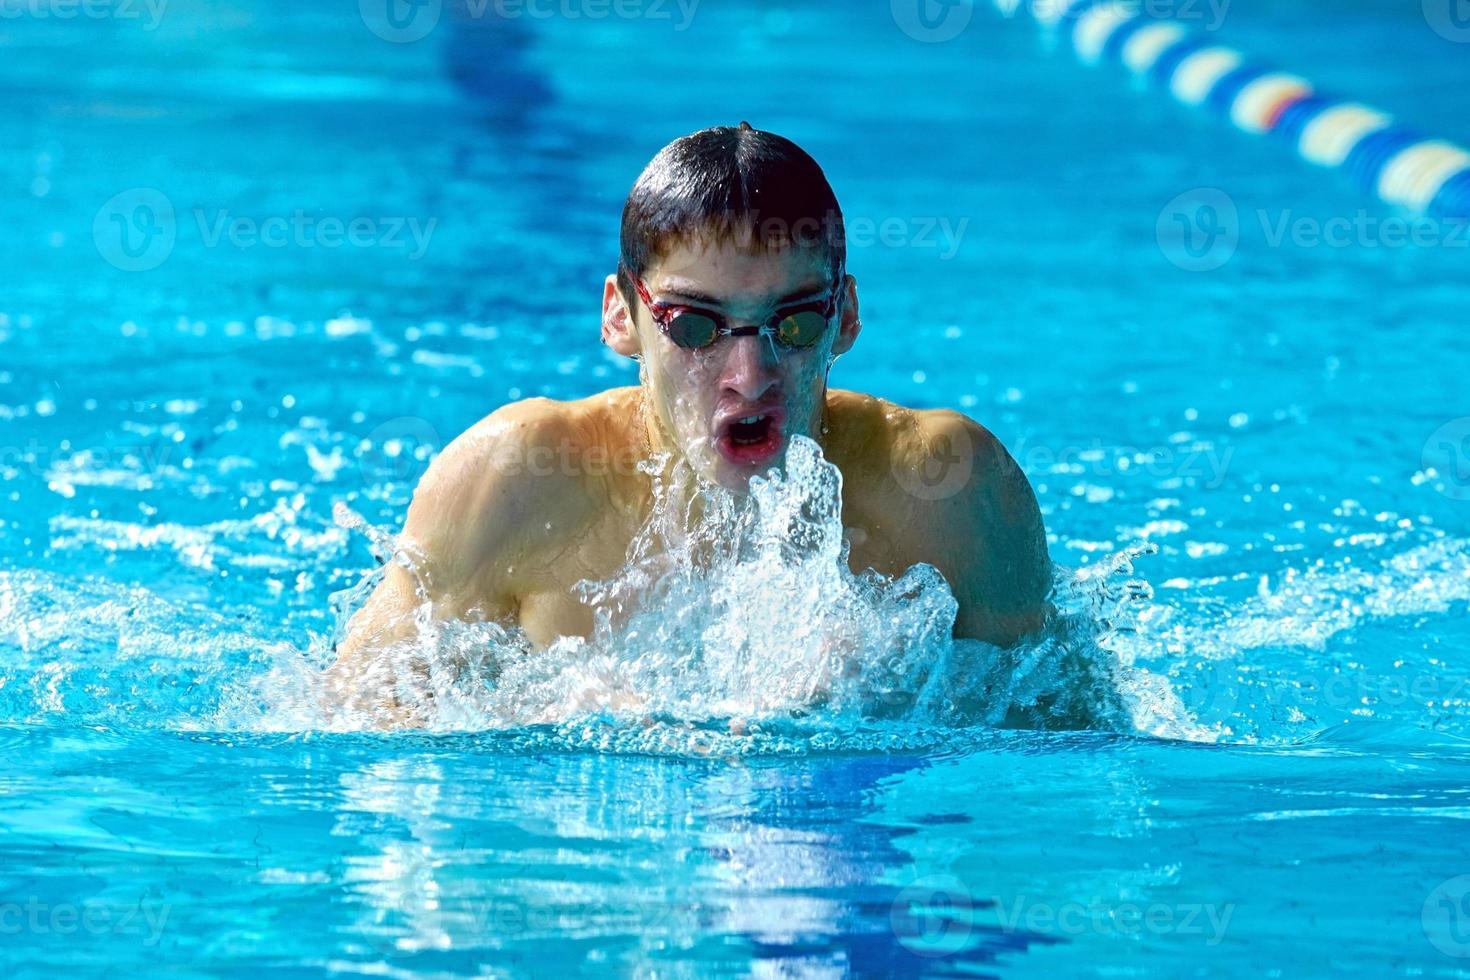 nadador na piscina de água nadar um estilo de natação foto